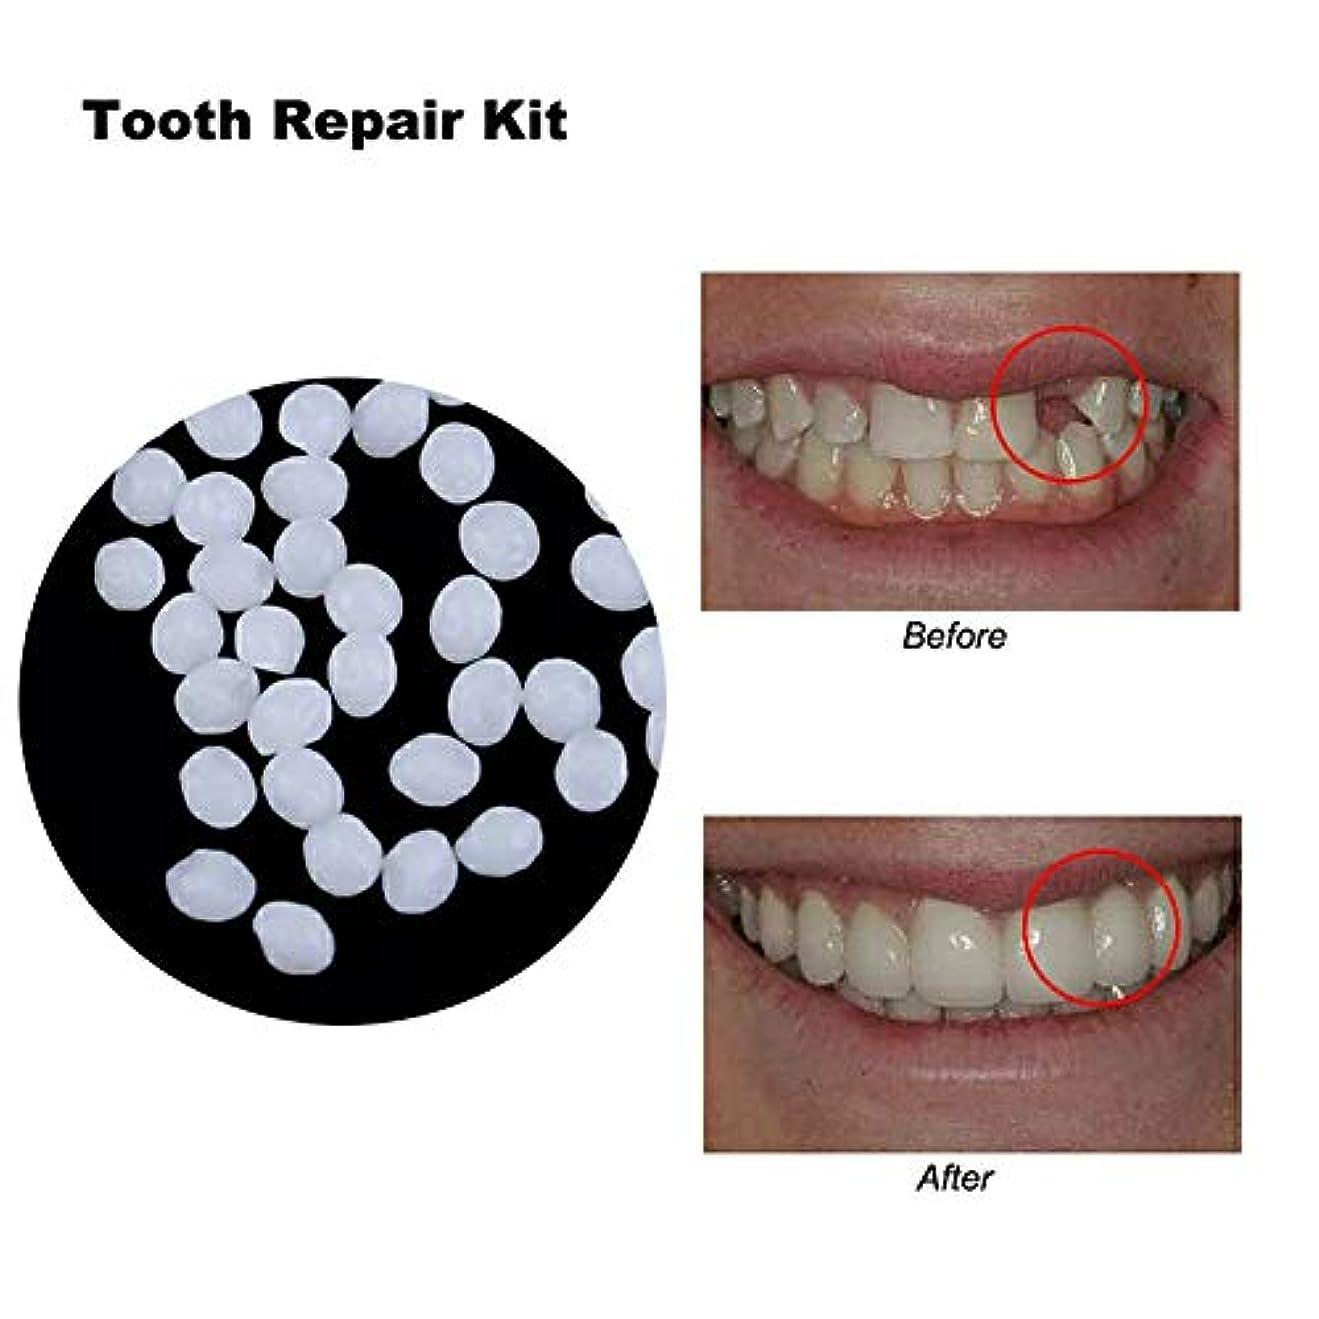 神話ジャーナルジャベスウィルソン偽歯固体接着剤、樹脂の歯とギャップのための一時的な化粧品の歯の修復キットクリエイティブ義歯接着剤,10ml14g